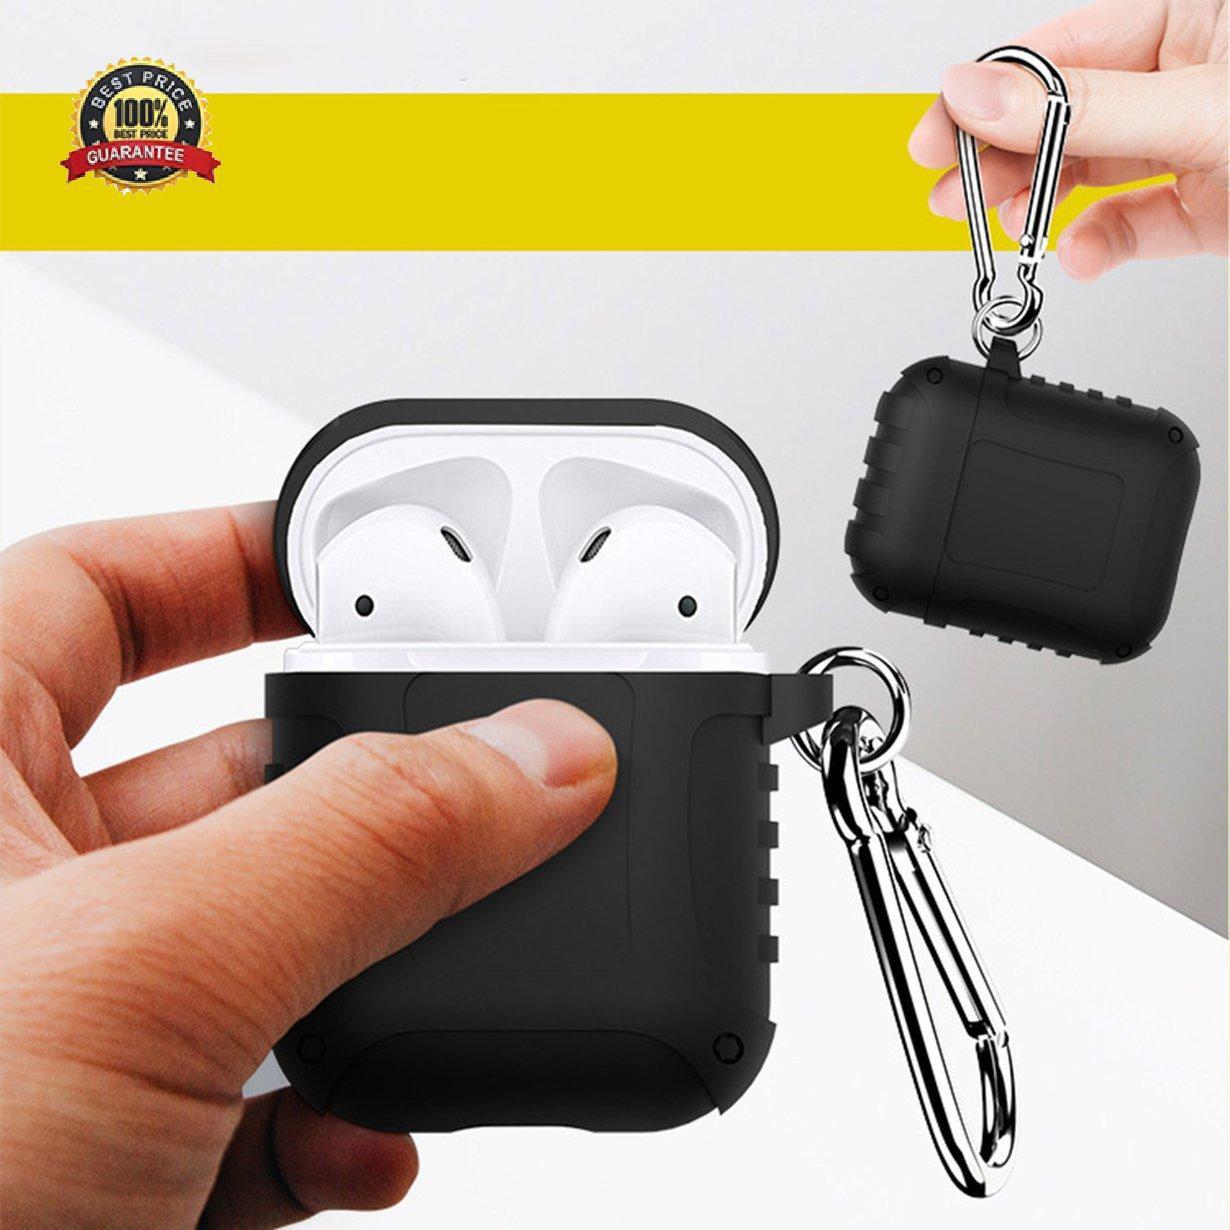 【最優惠的價格】 Airpods 保護套矽膠保護套耳機套防丟盒